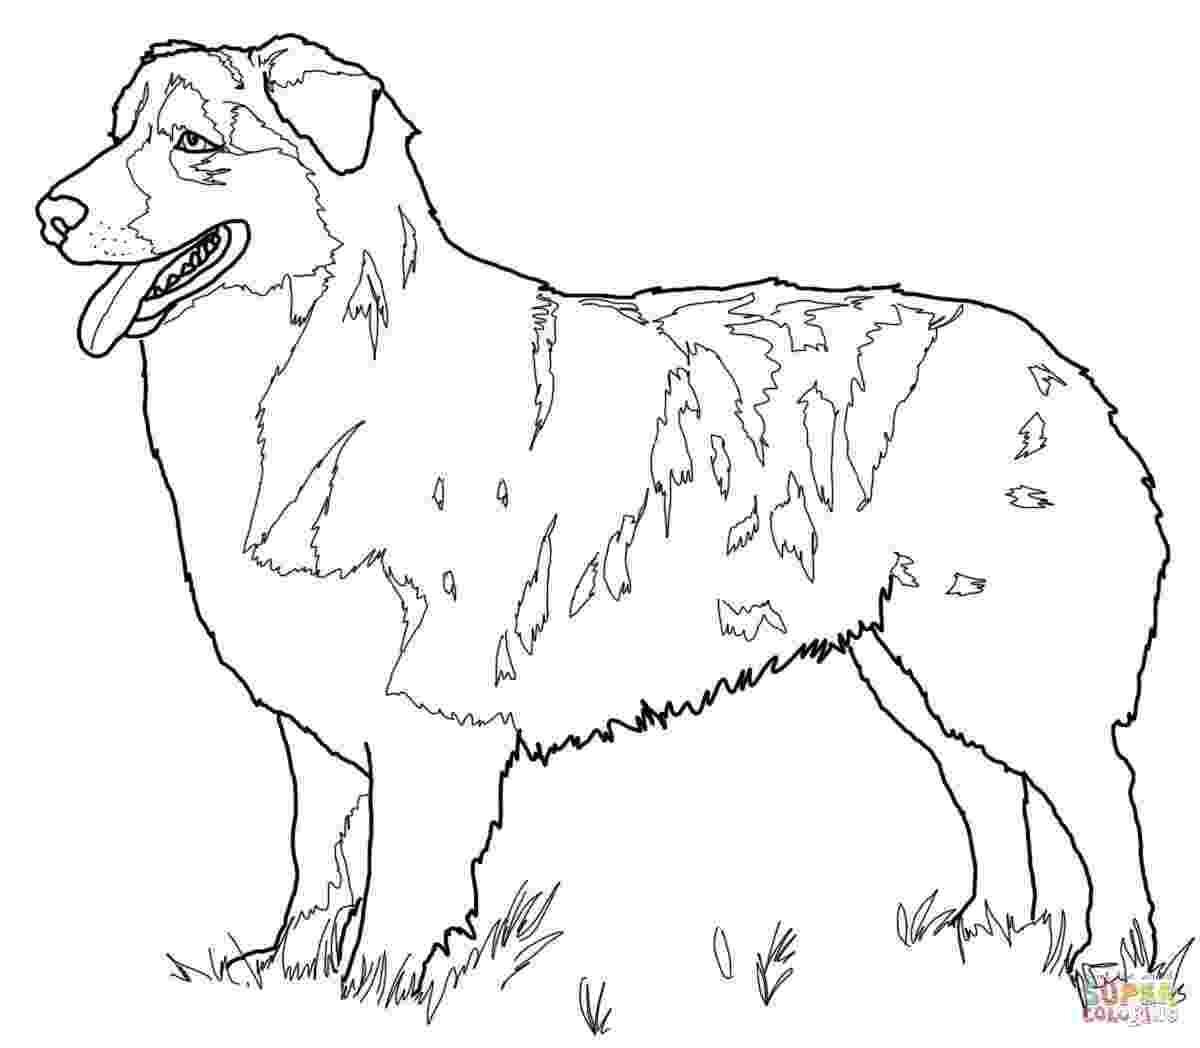 german shepherd coloring pages printable german shepherd dogs coloring page free printable german shepherd coloring pages printable